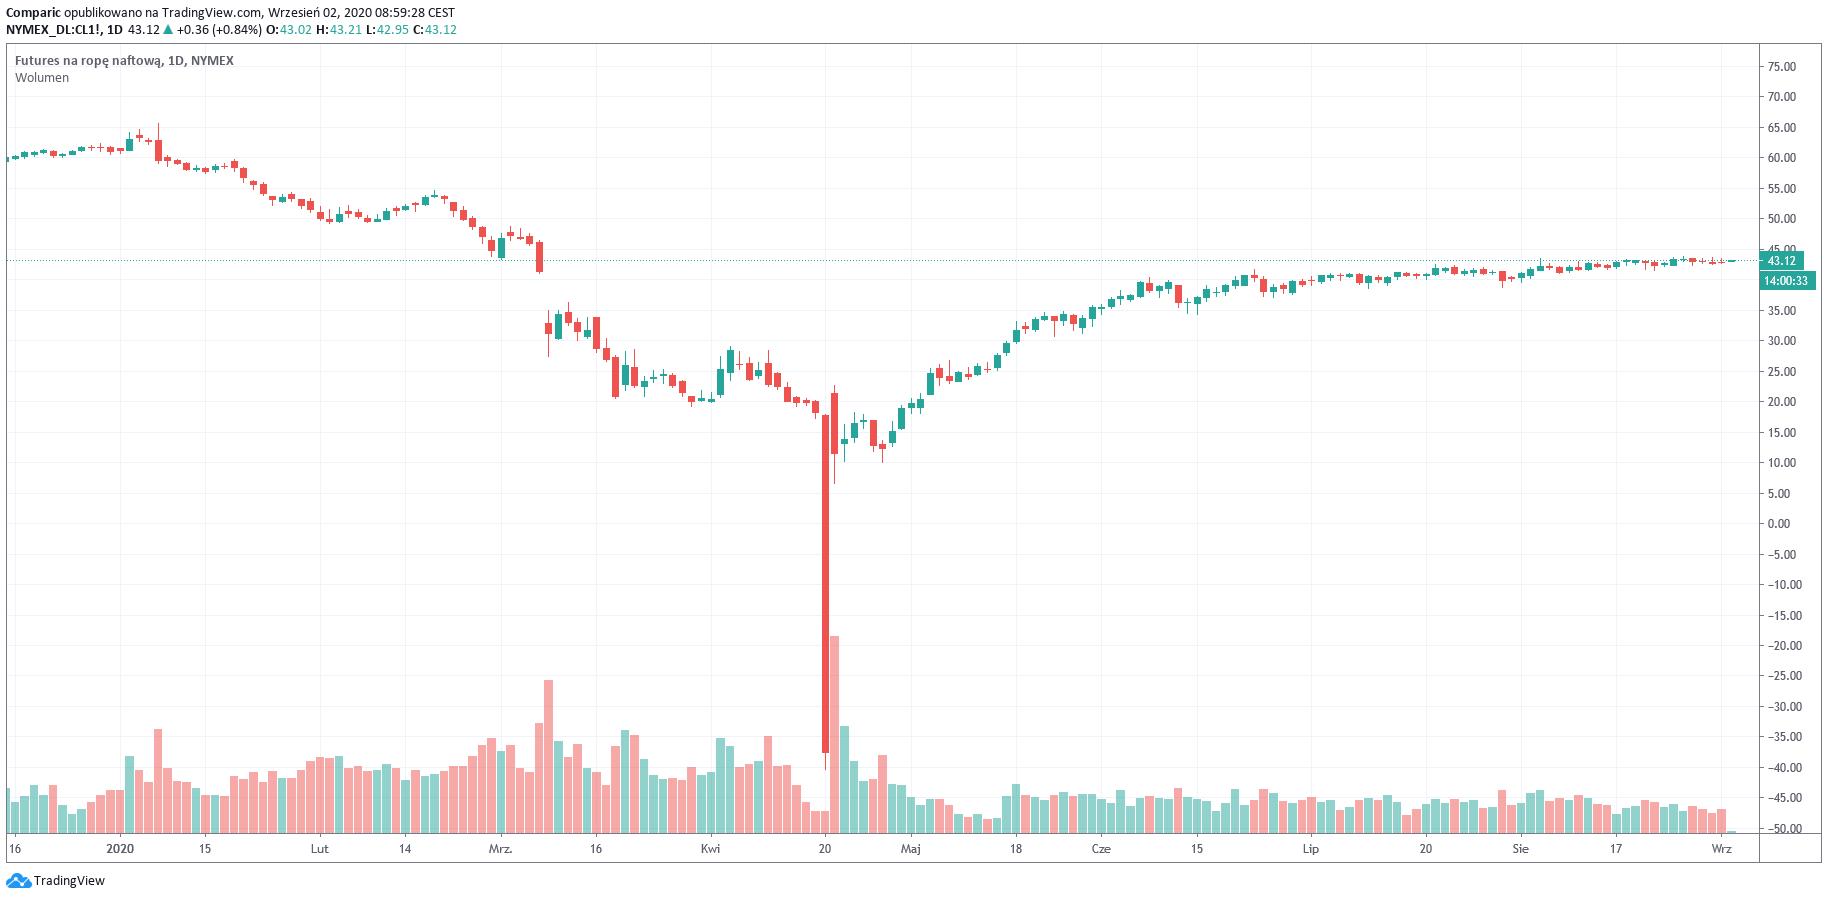 Cena ropy Brent przebija 46 dol. za baryłkę. Zapasy ropy maleją powyżej oczekiwań